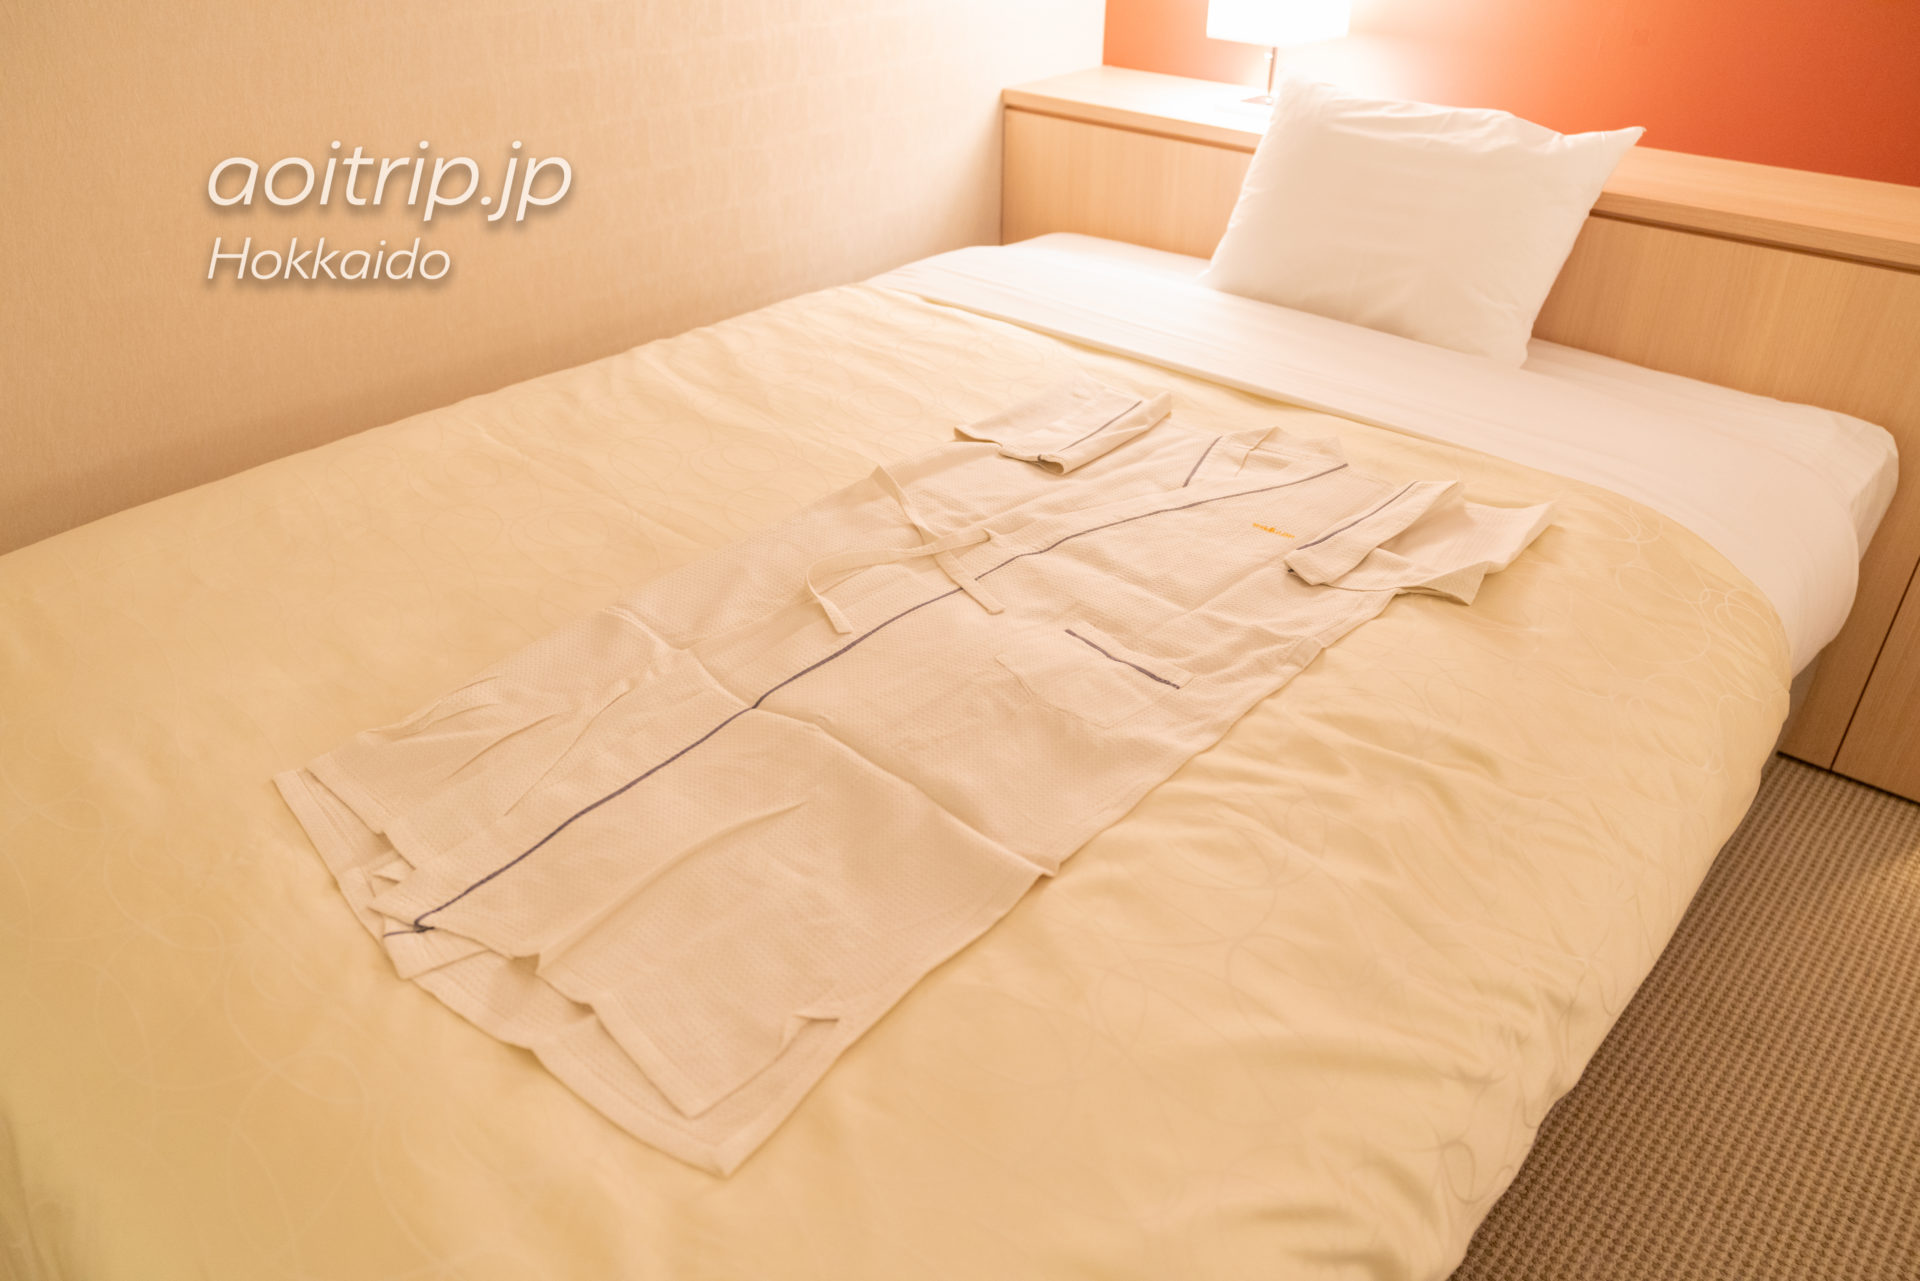 星野リゾート リゾナーレトマム 宿泊記 Hoshino Risonare Tomamu スイートツインルームの部屋着(パジャマ)